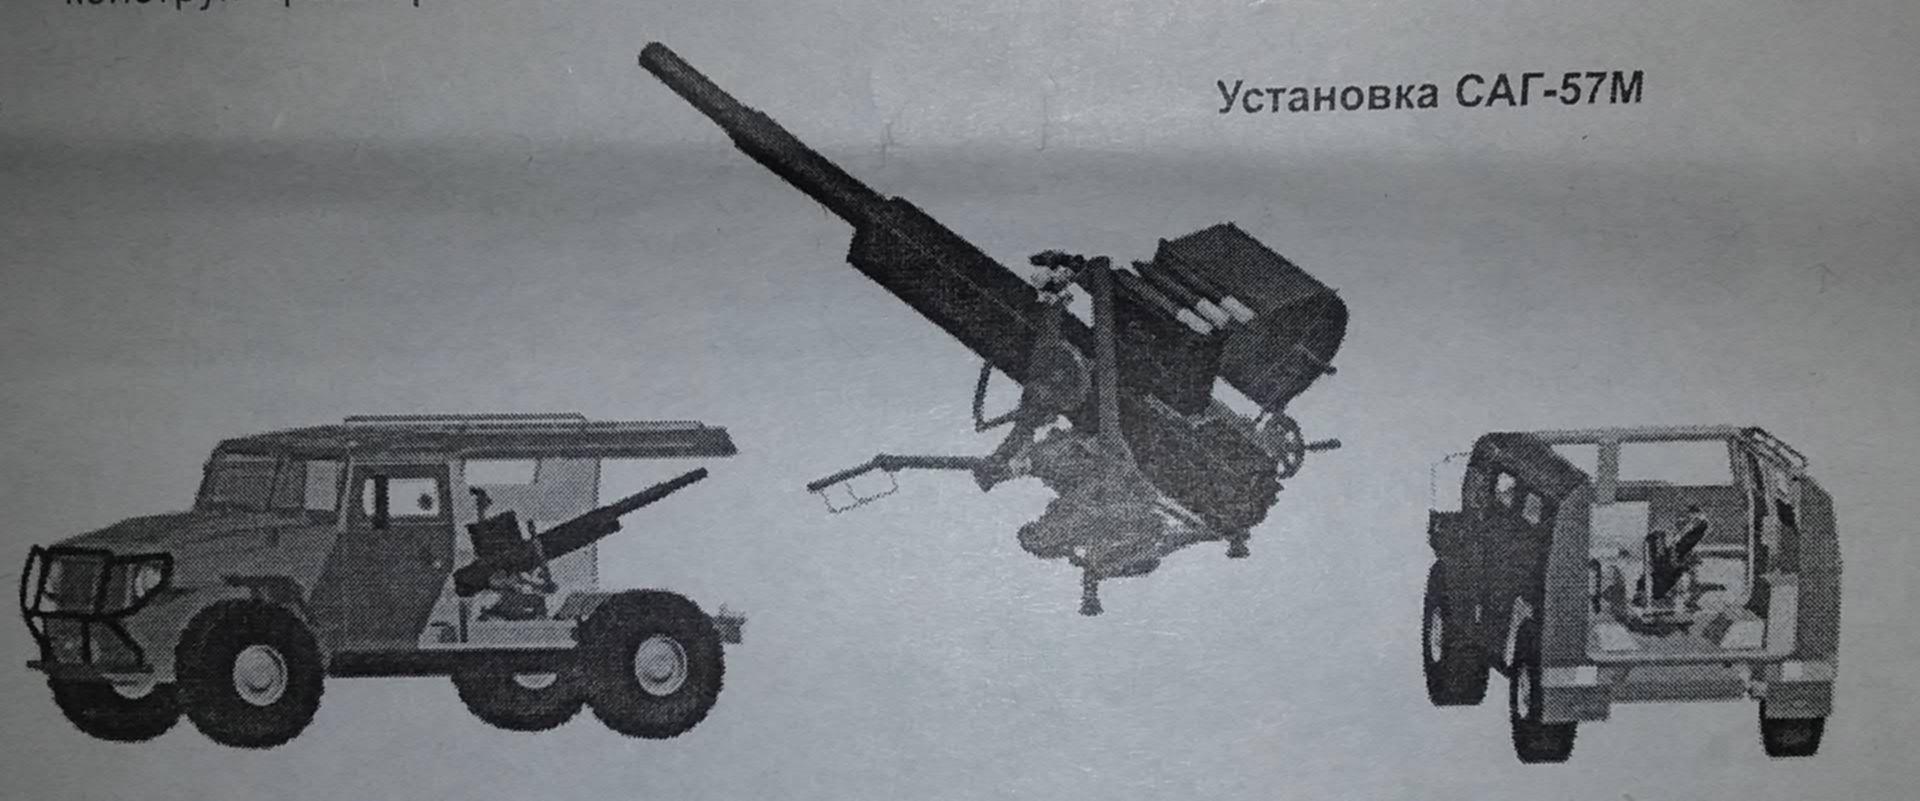 http://s8.uploads.ru/irUVS.jpg